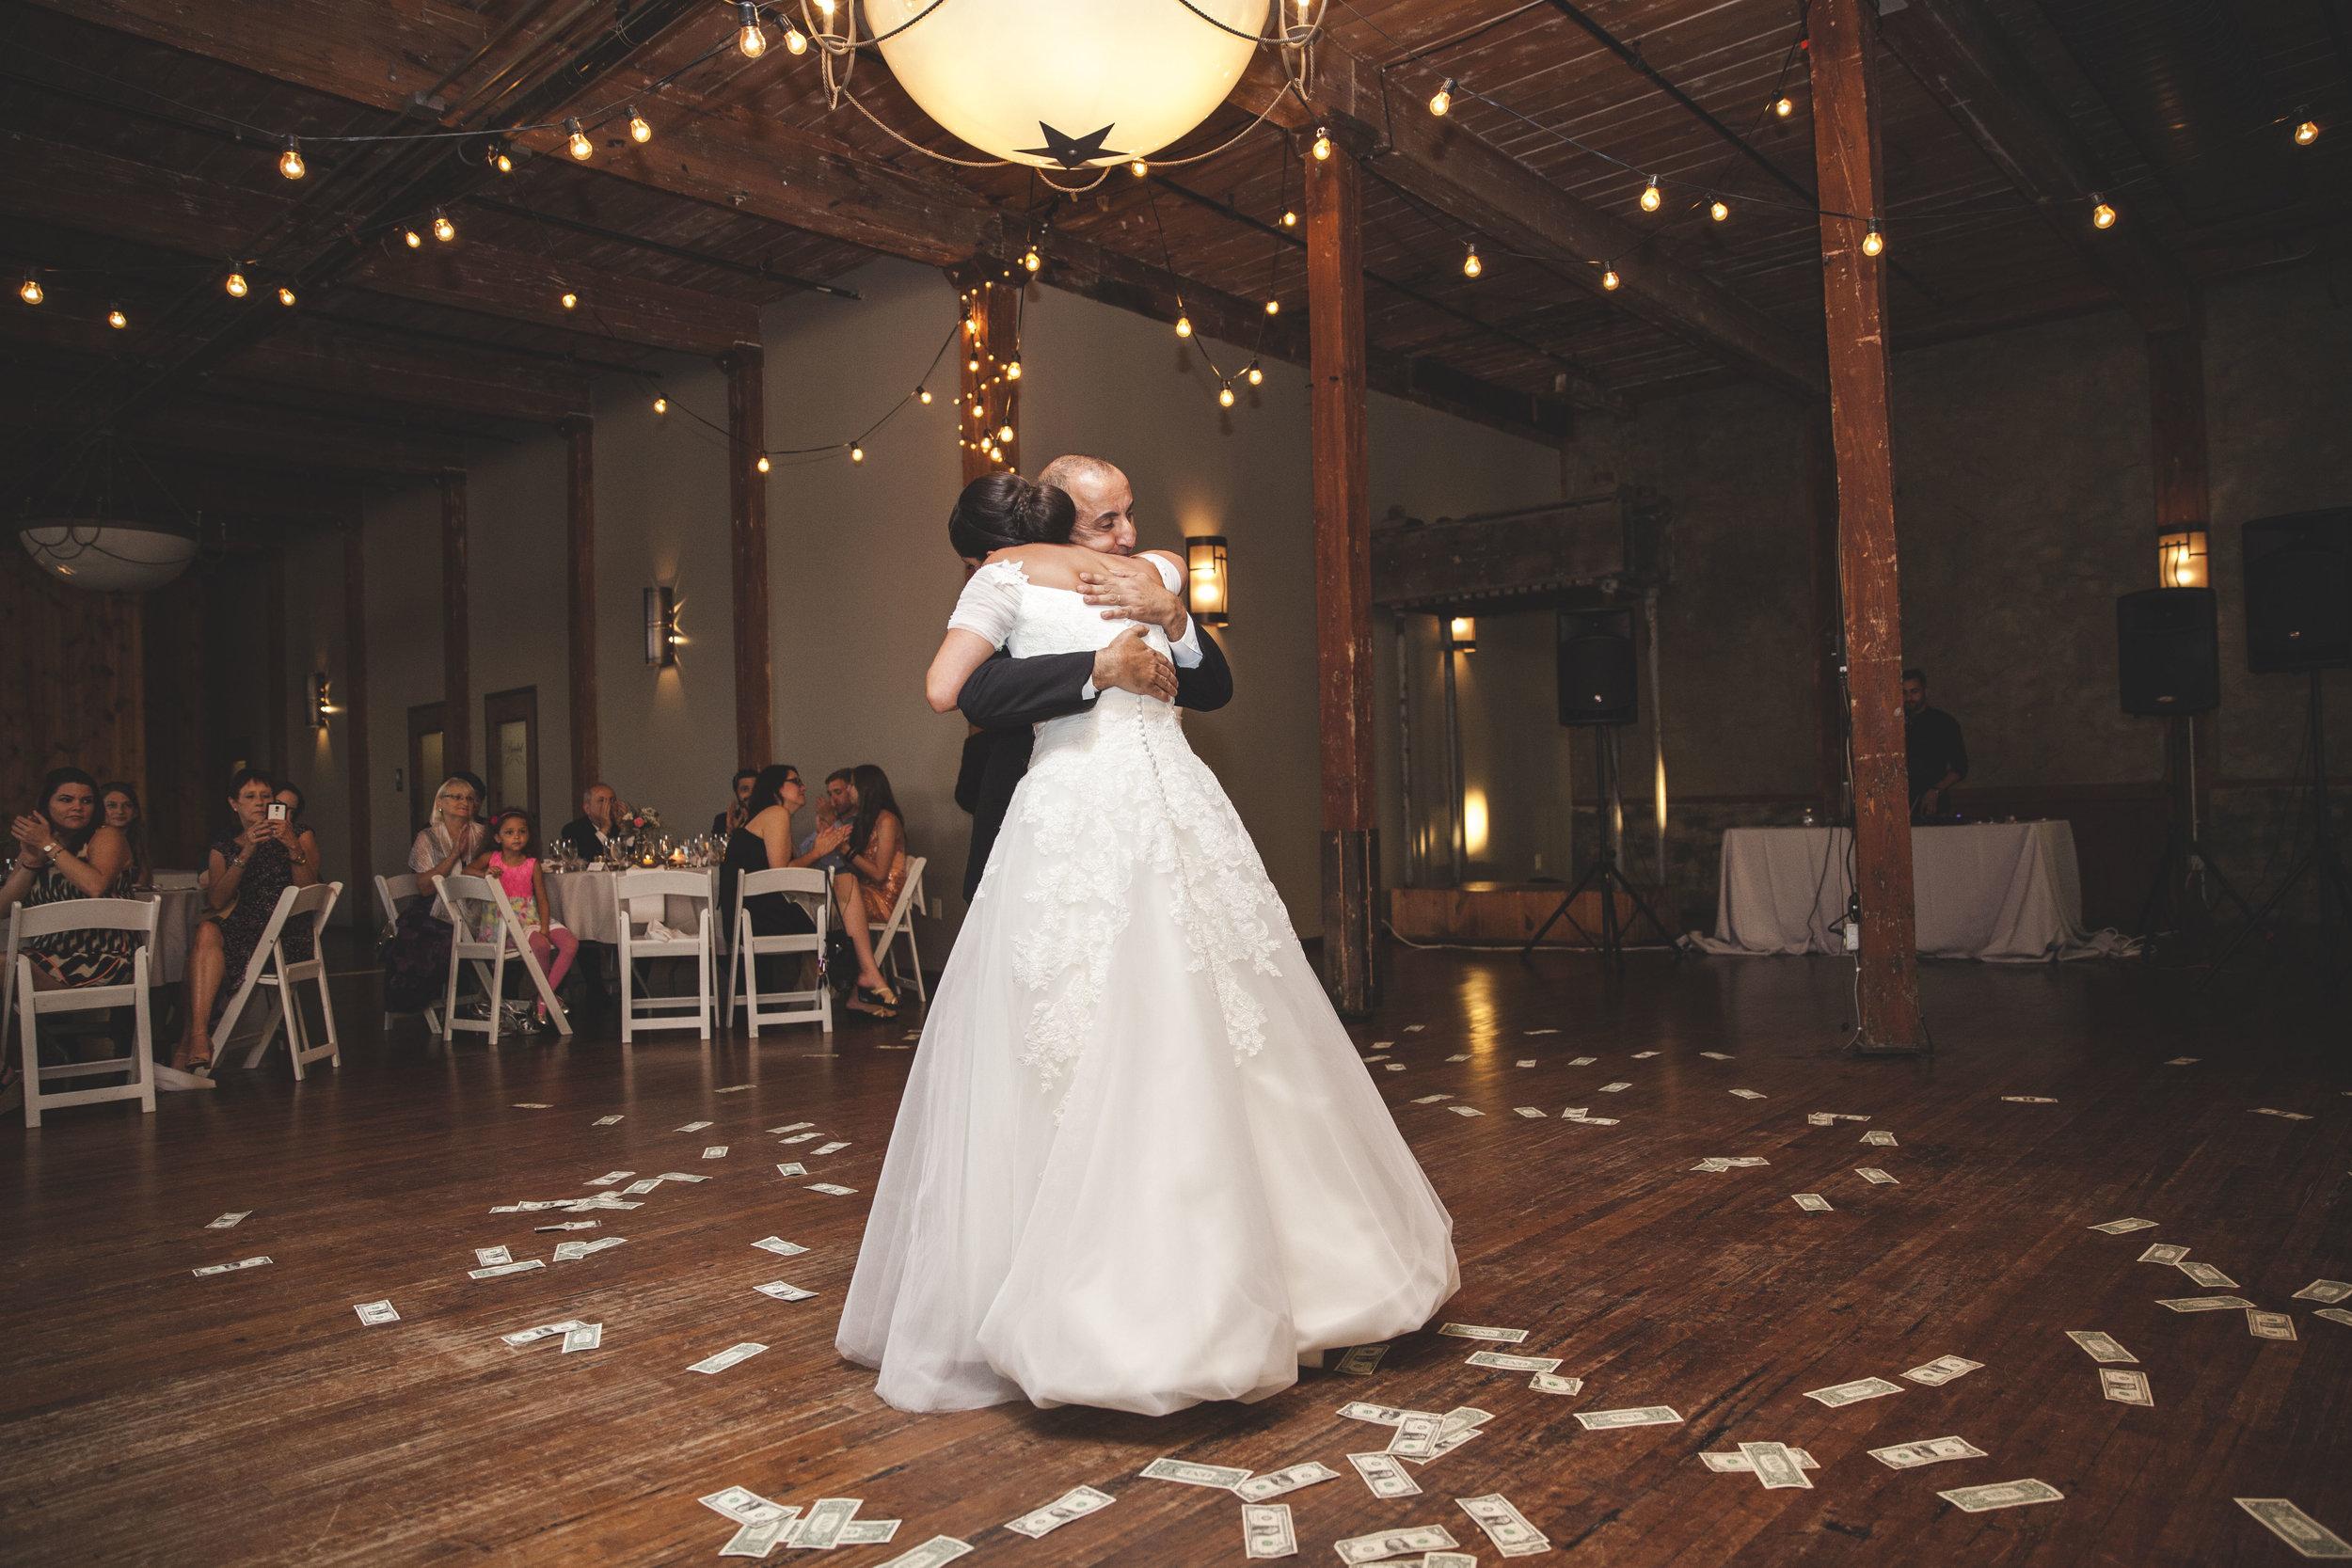 ATGI_Magali & Josh Wedding1__532.jpg